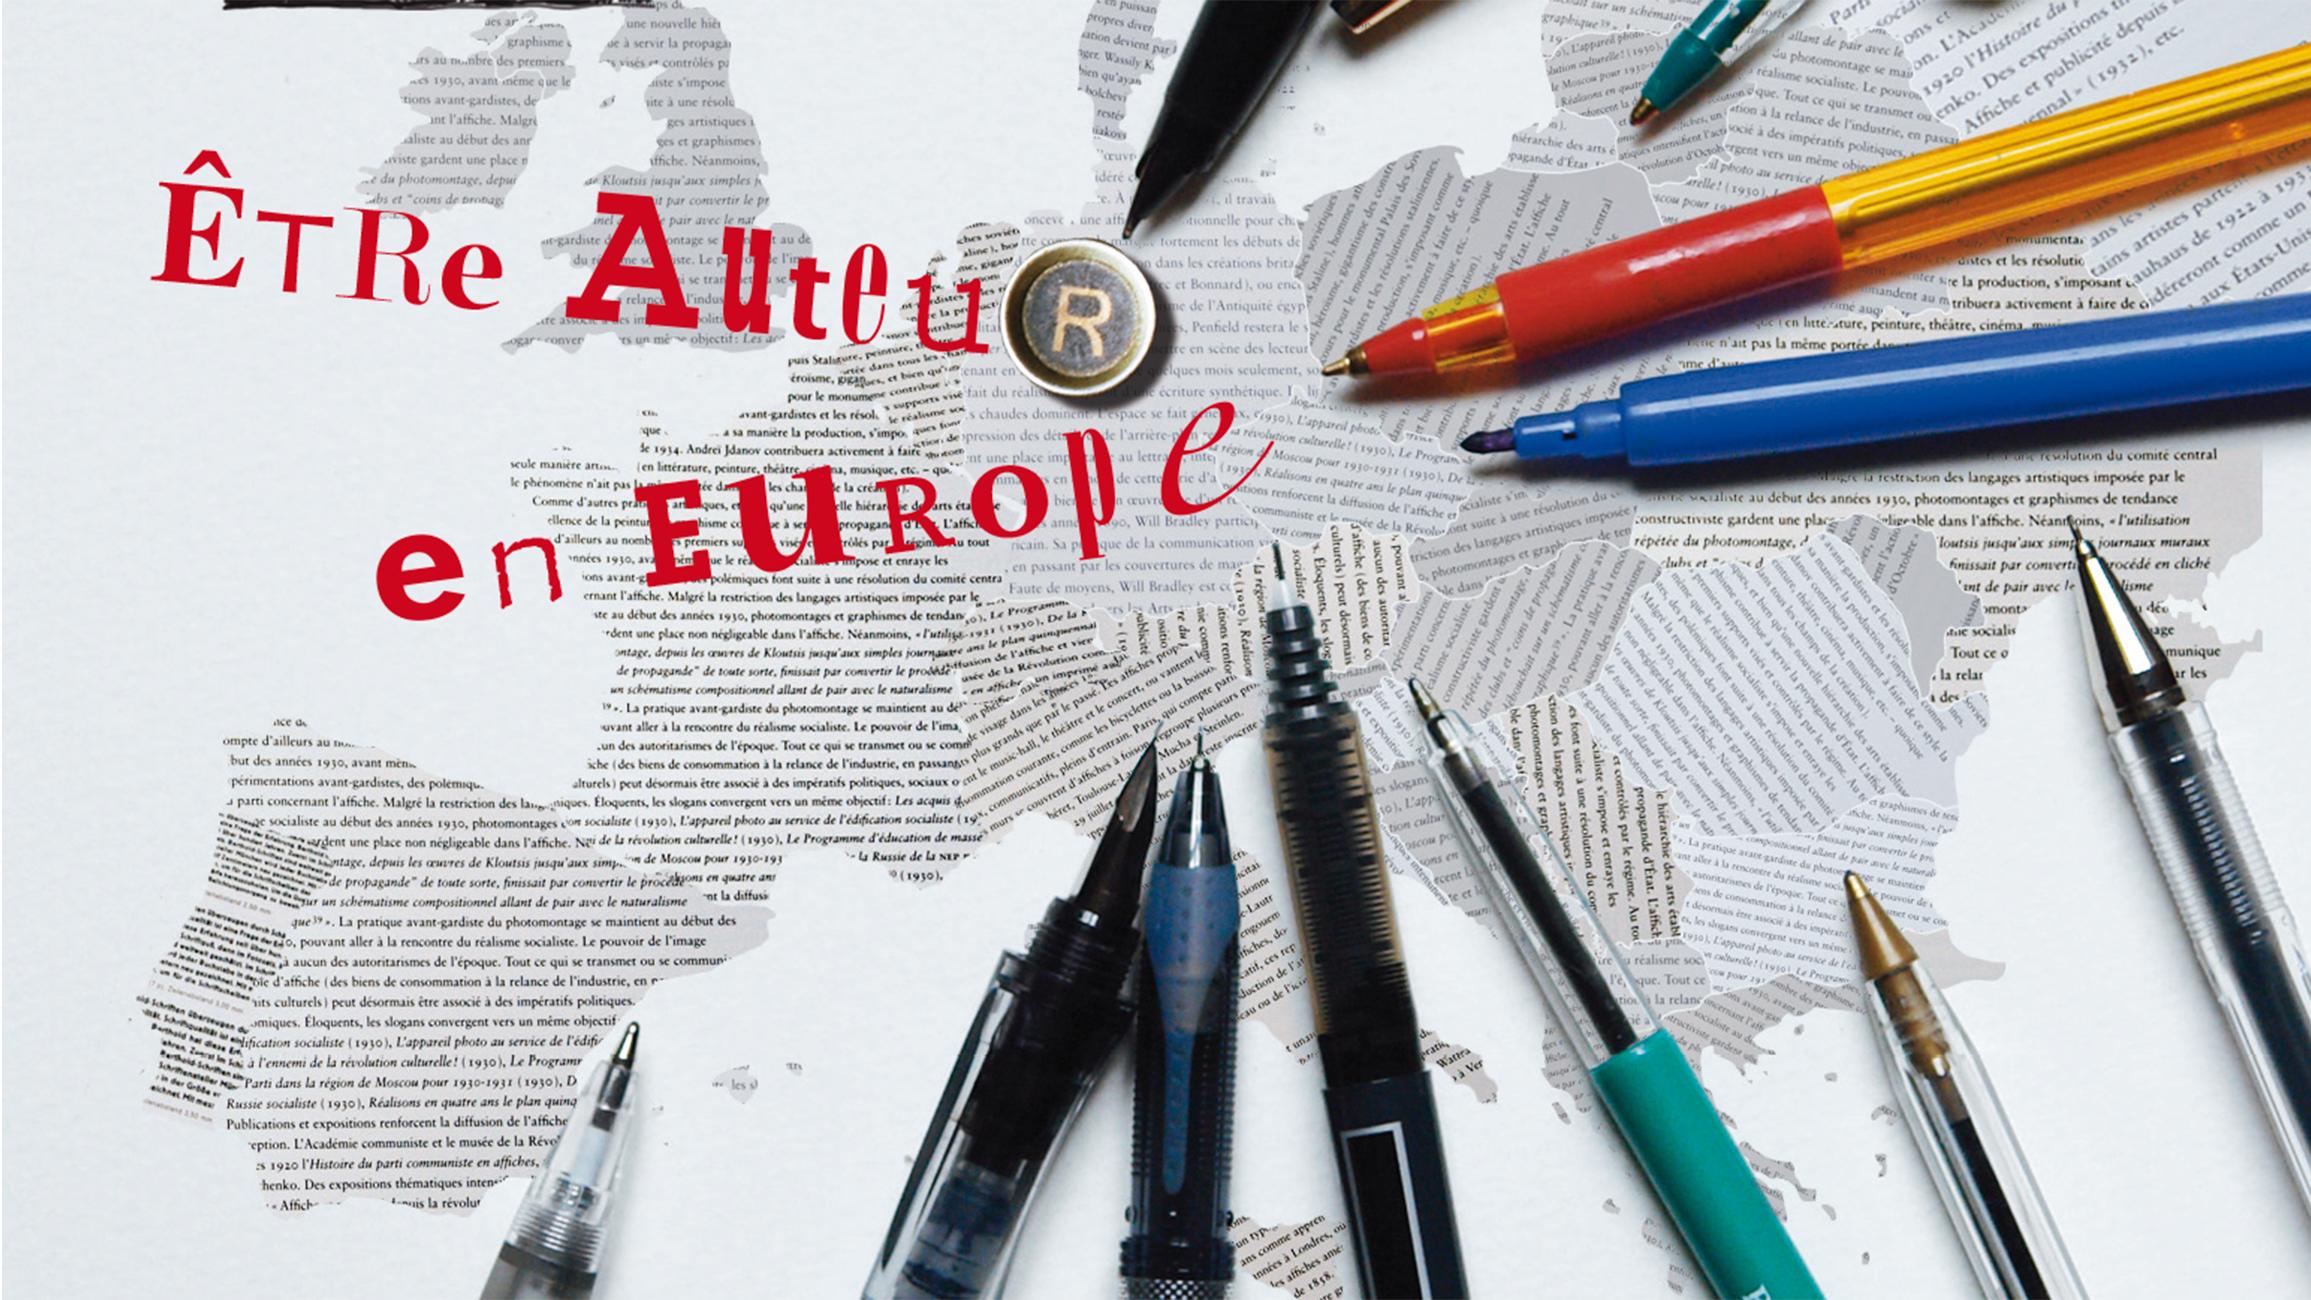 Etre auteur en Europe, couverture du programme.